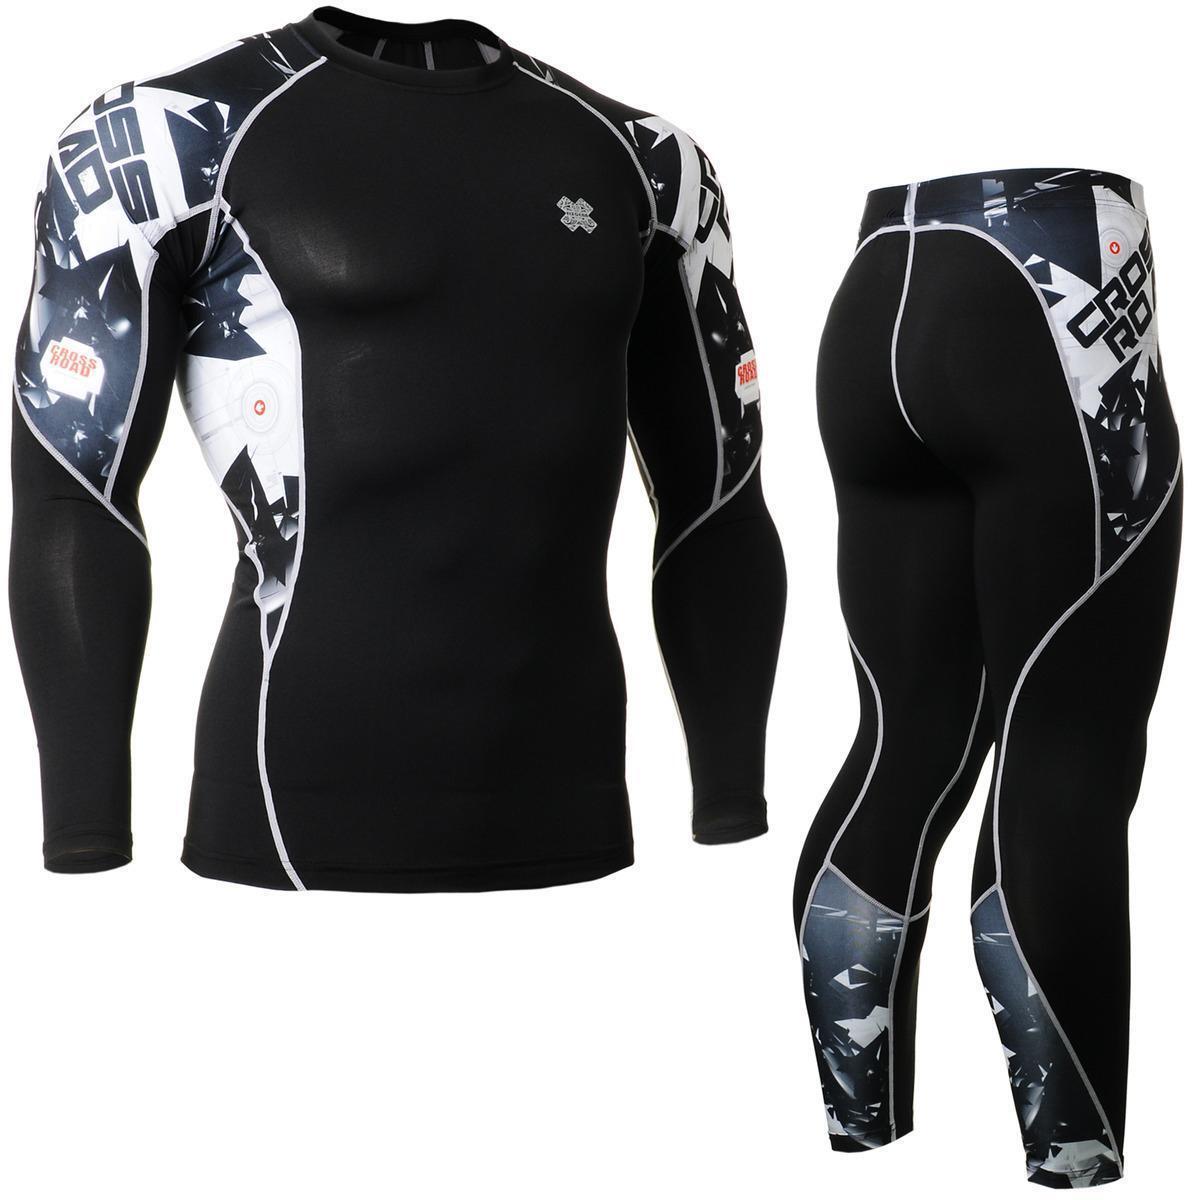 Fixgear camisas de compresión C2L P2L-B17 y  pantalones de Deporteswear MMA Entrenamiento Gimnasio  precioso